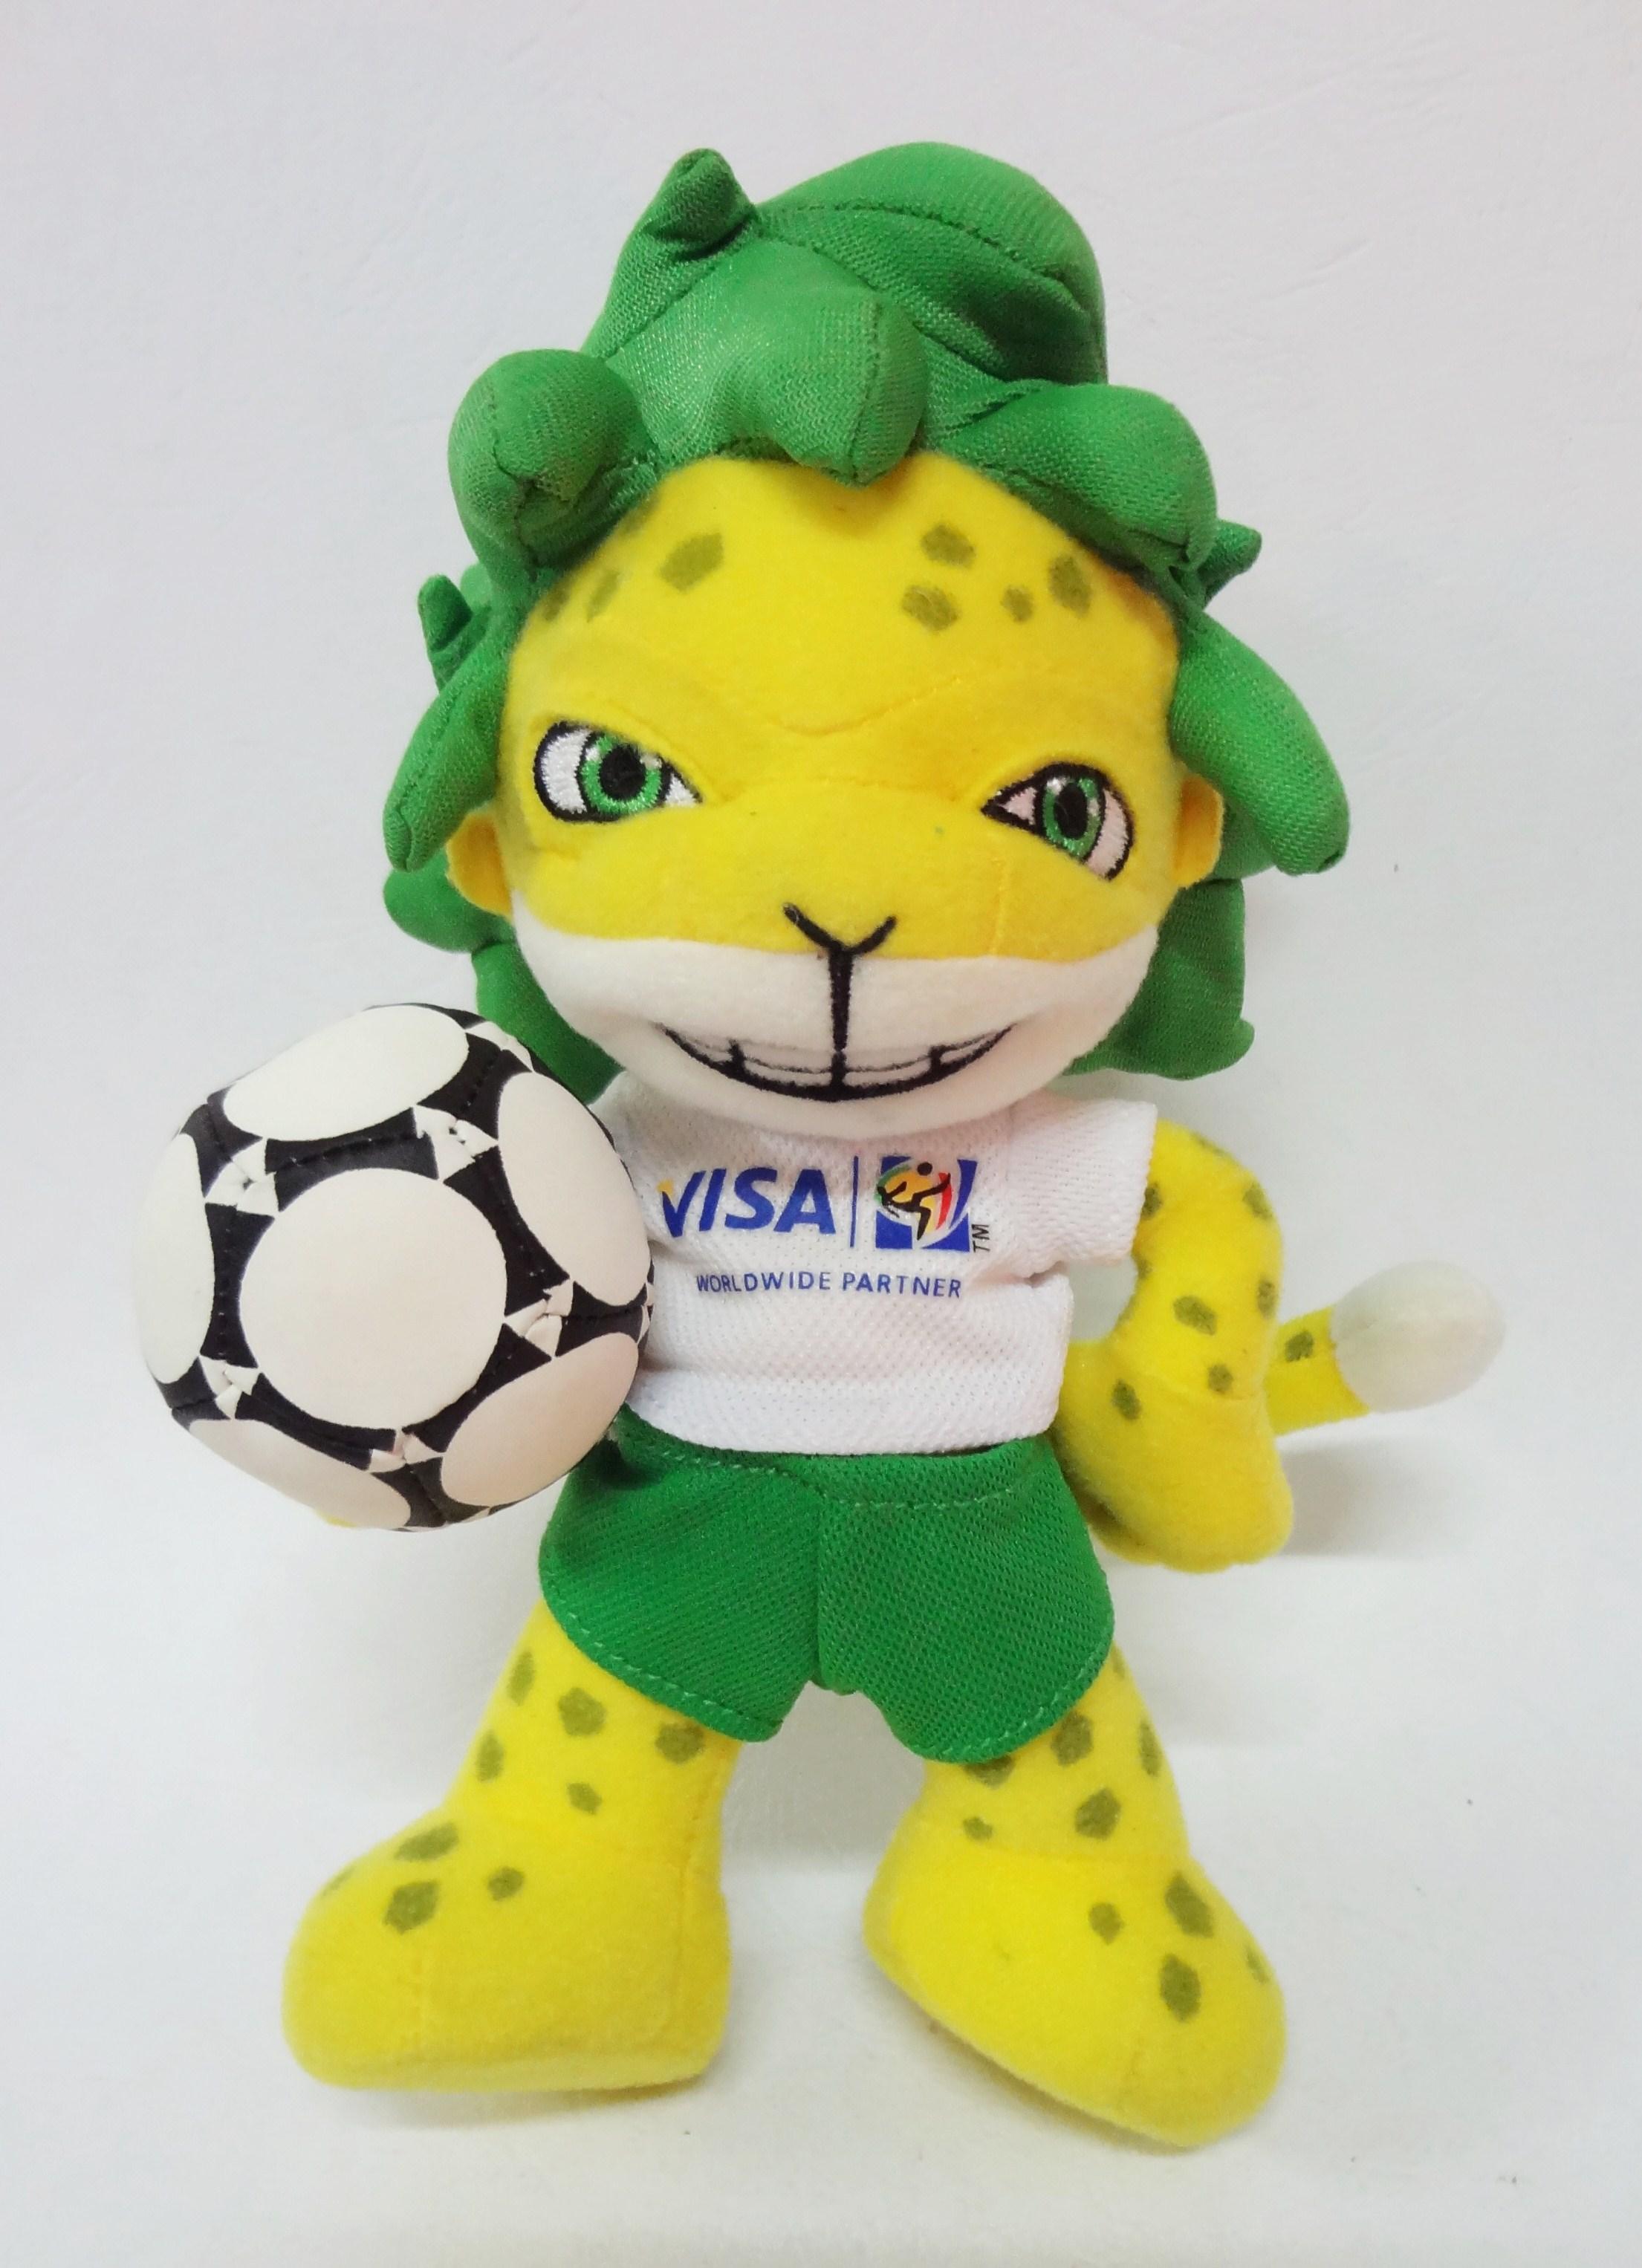 ตุ๊กตา FIFA Mascot ฟุตบอลโลก ปี 2010